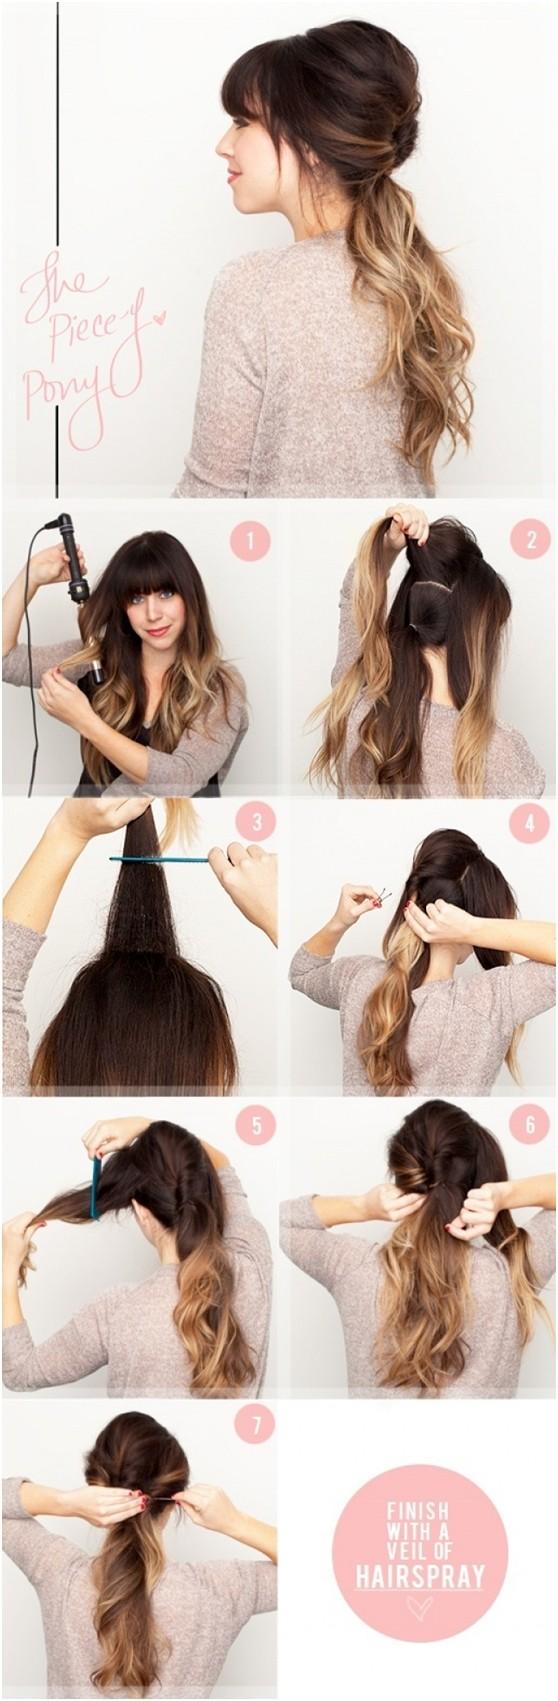 Детские простые причёски на длинные волосы своими руками фото пошагово